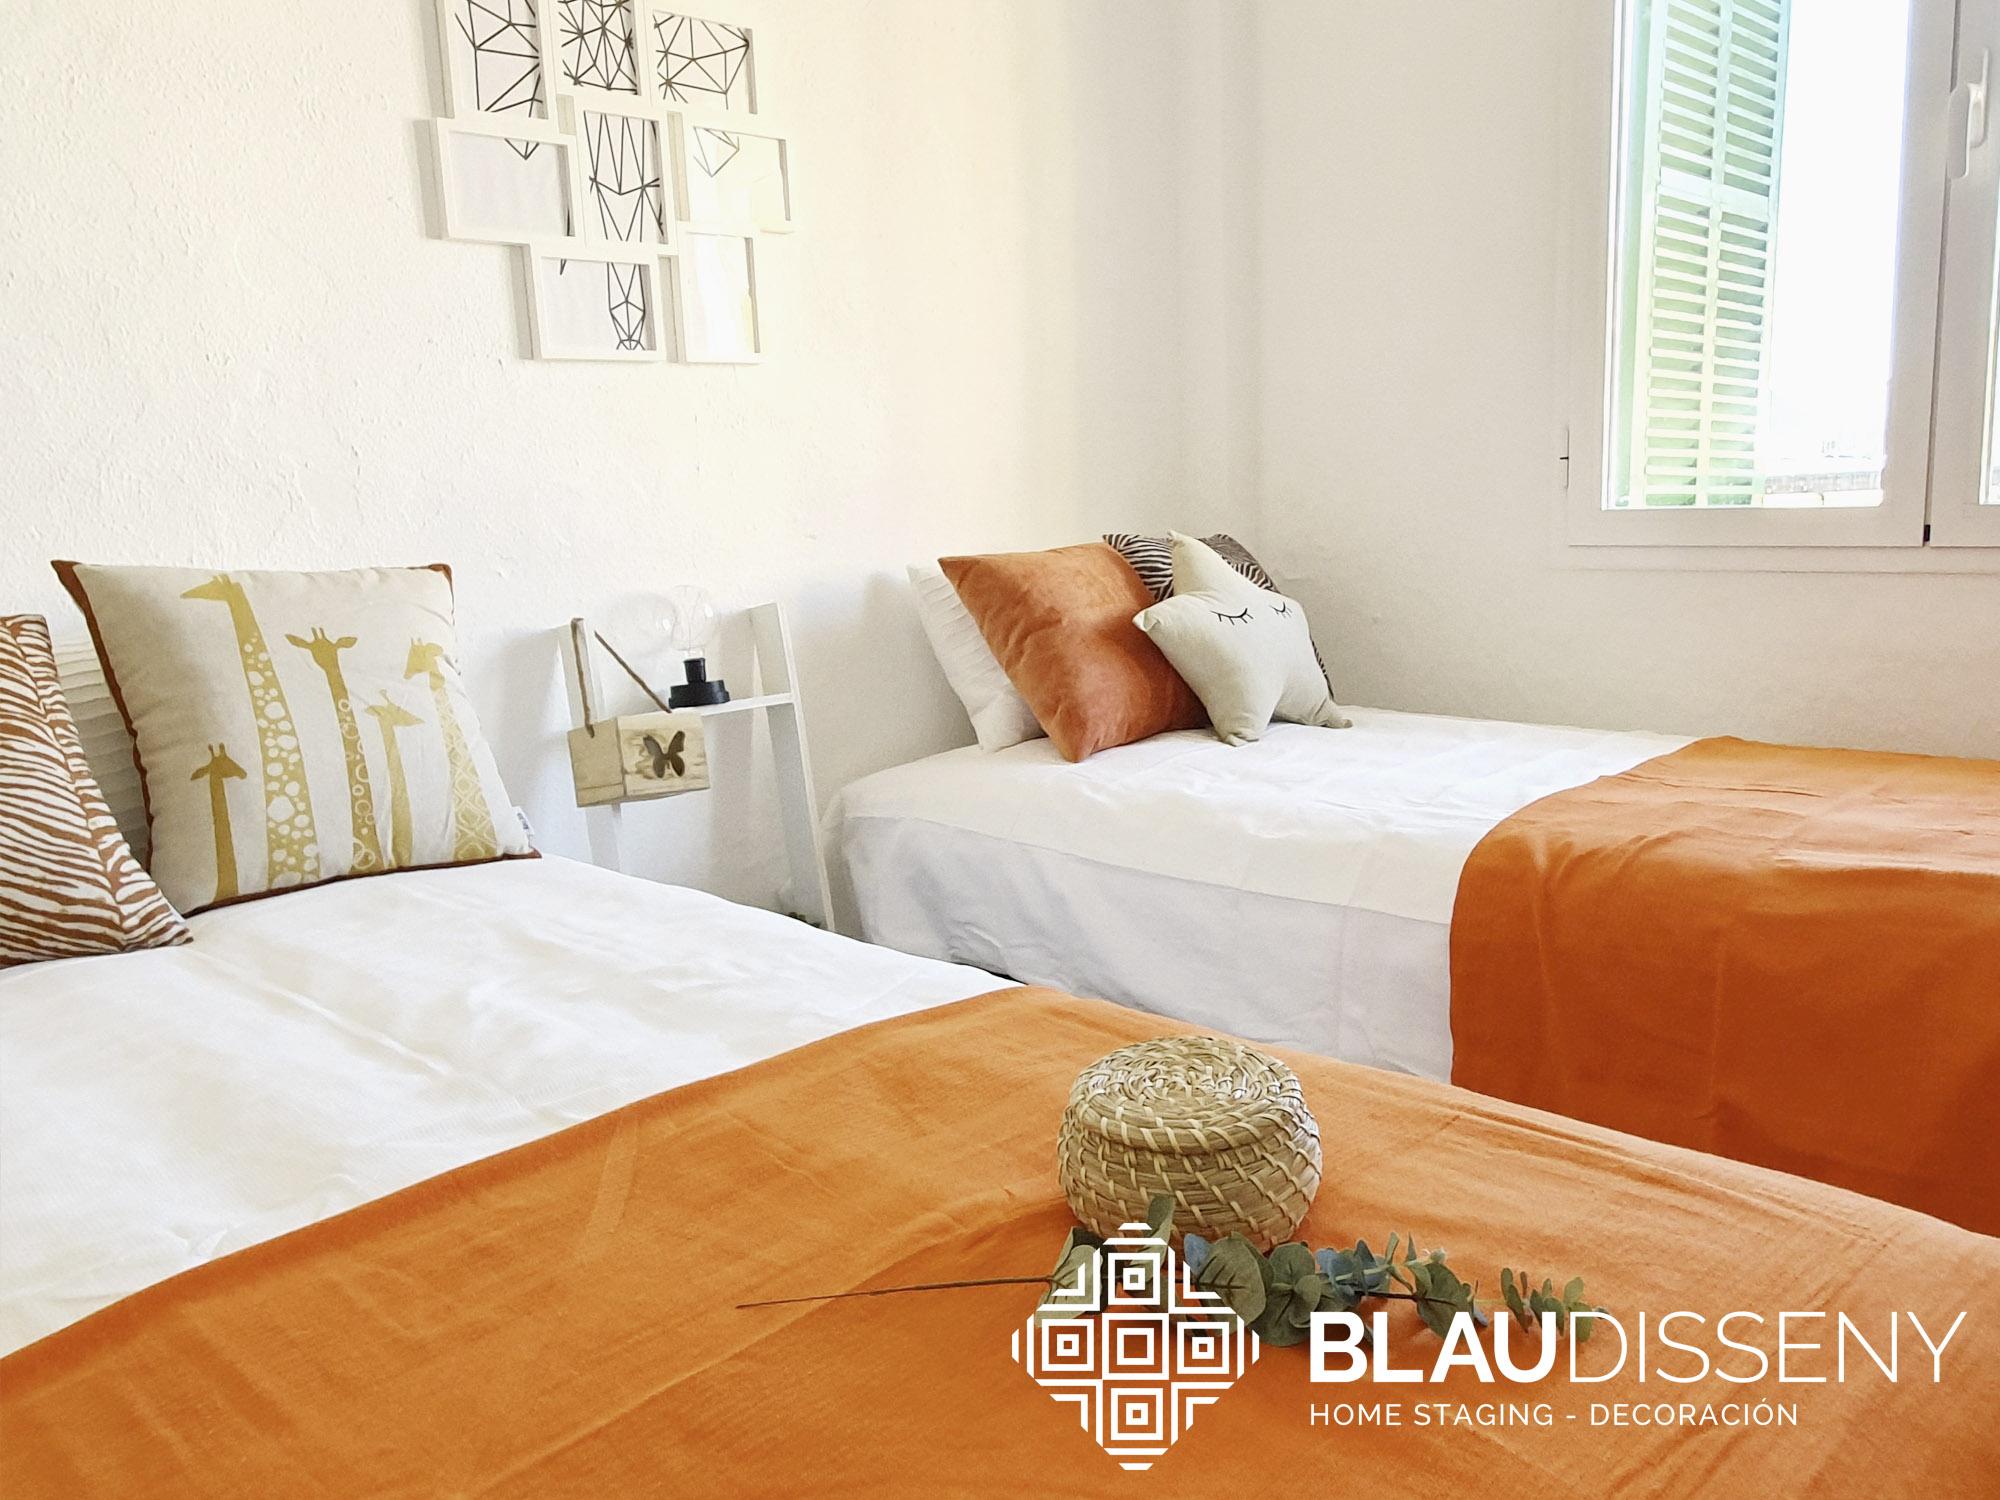 Blaudisseny-home-staging-Son-Cladera-dormitorio-2-despues-logo